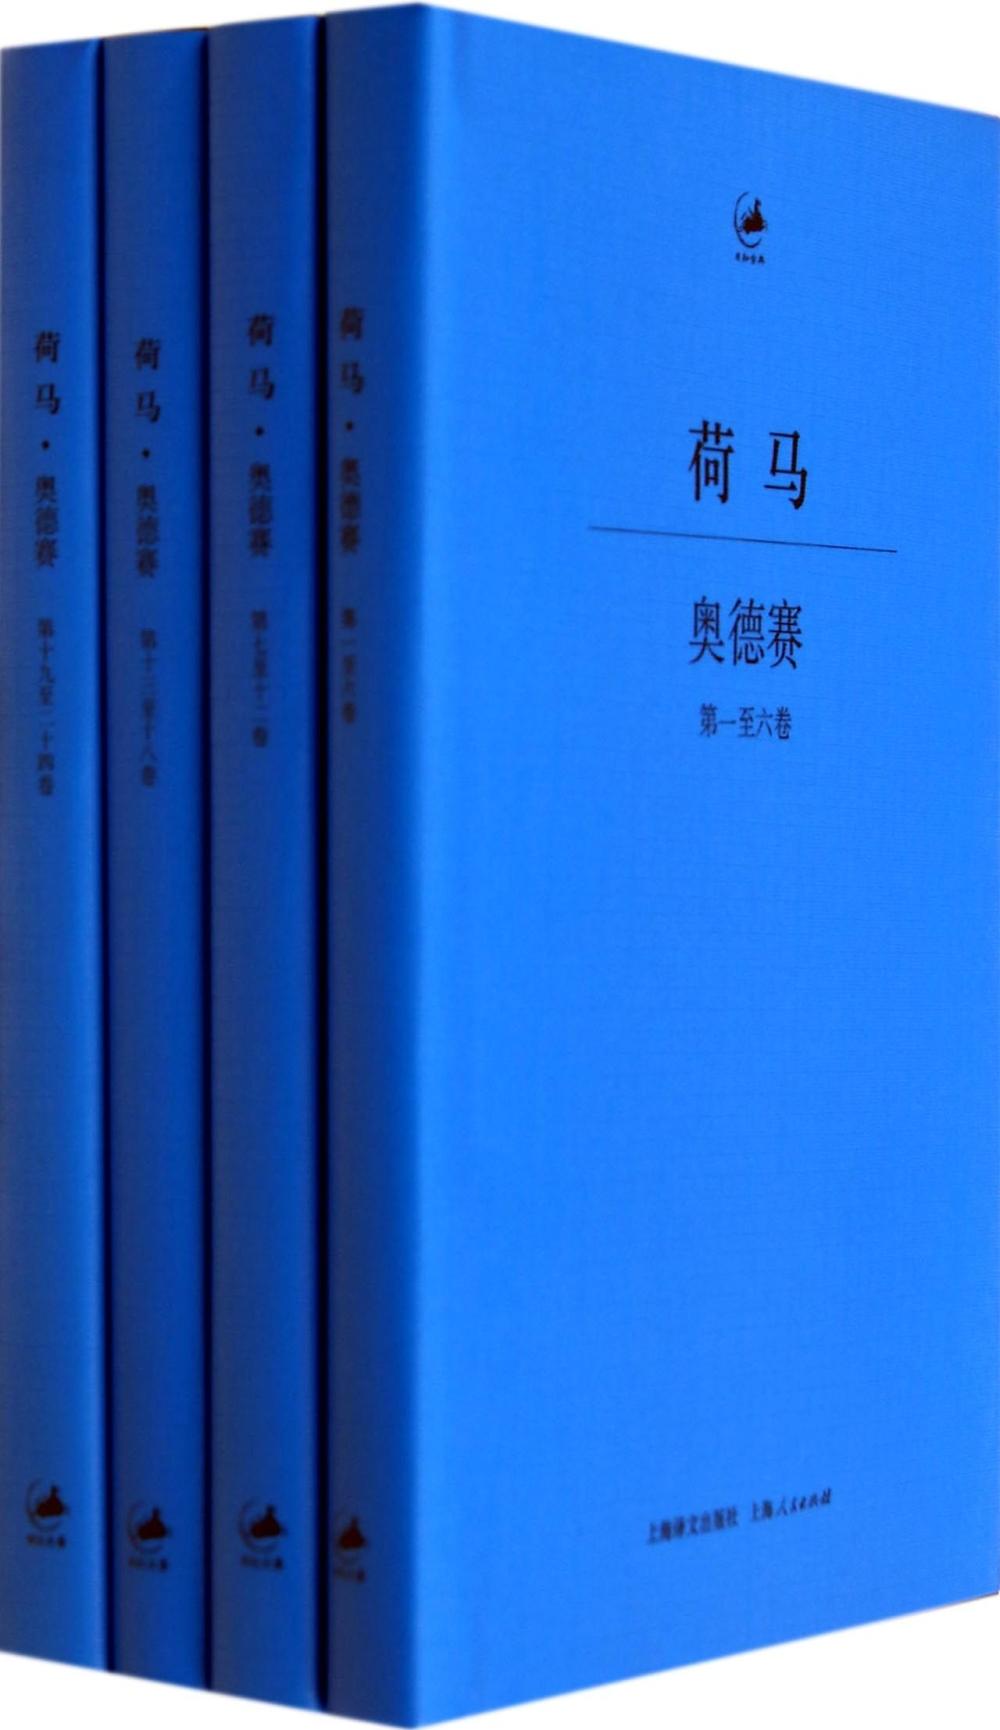 荷馬·奧德賽:第一至二十四卷(共4冊)